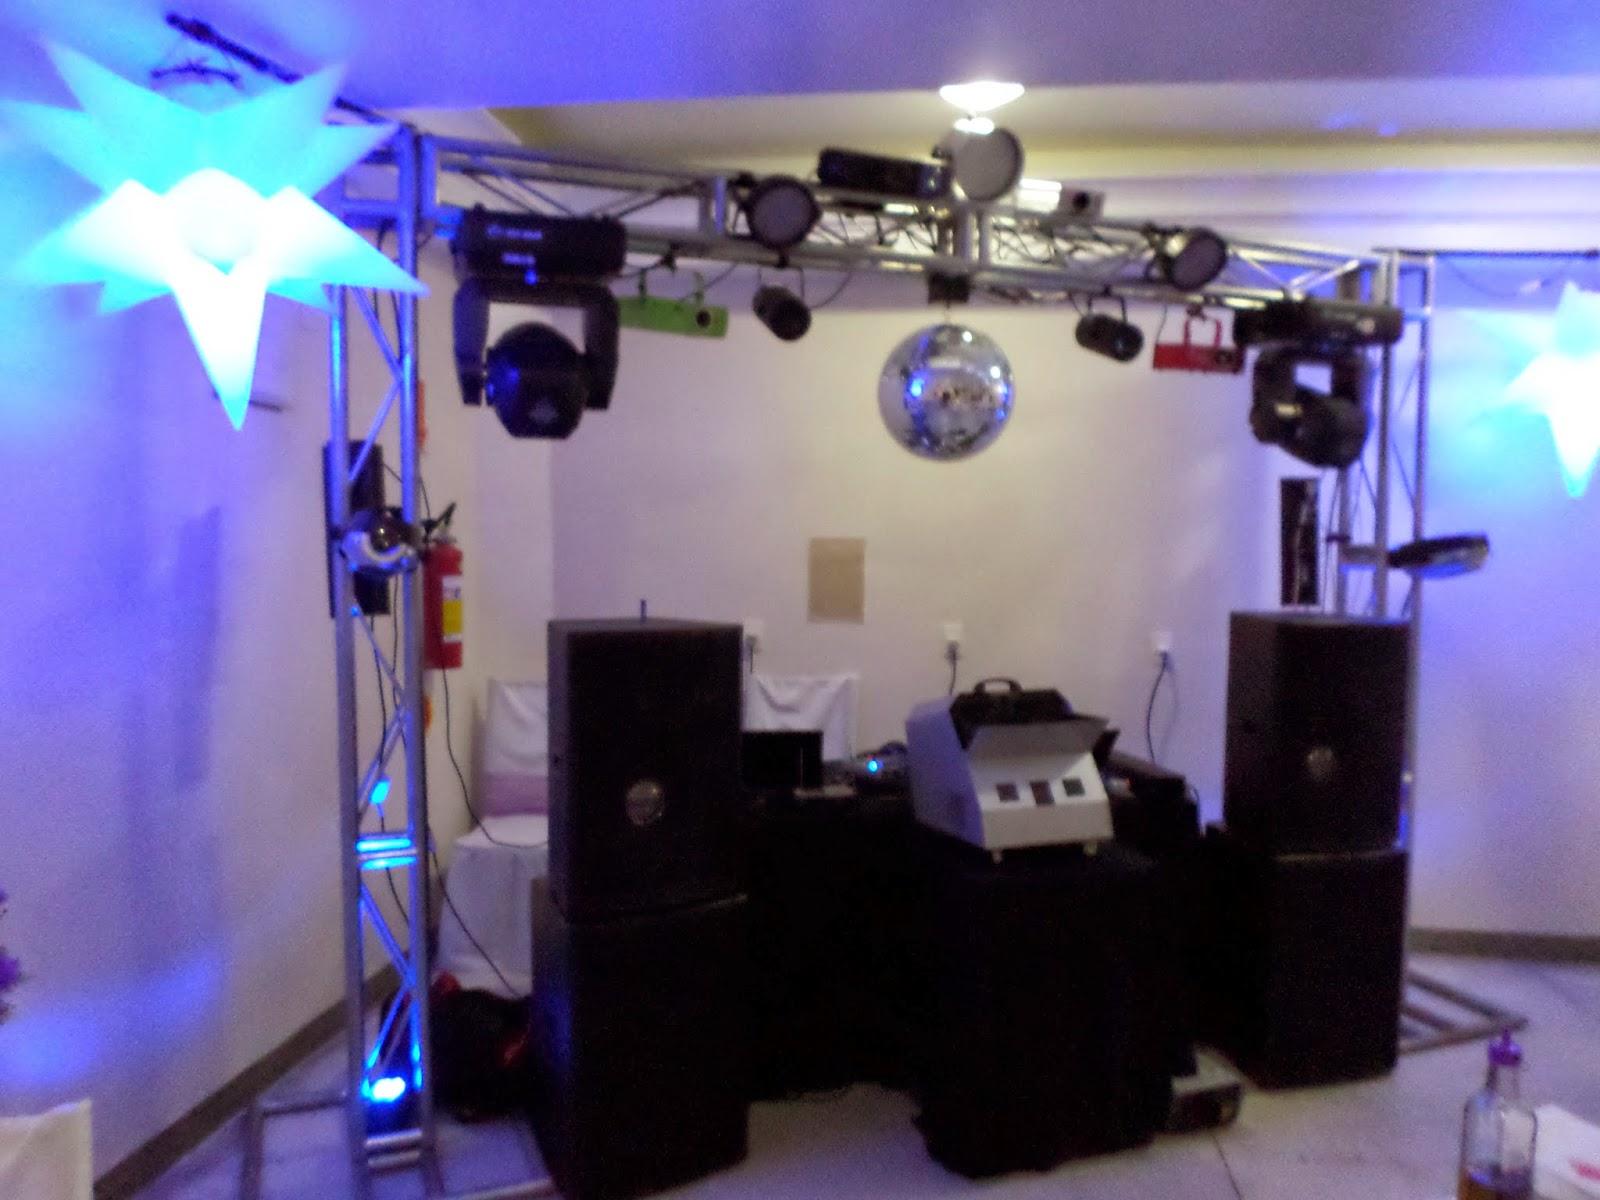 DJ para casamento,DJ PARA FESTAS, DJ PARA EVENTOS, DJ COM SOM E ILUMINAÇÃO, DJ PARA CASAMENTOS, DJ PARA EVENTOS,,,isso e muito mais no fone: 47-30264086 47-30234087 47-84164744 47-99968405...